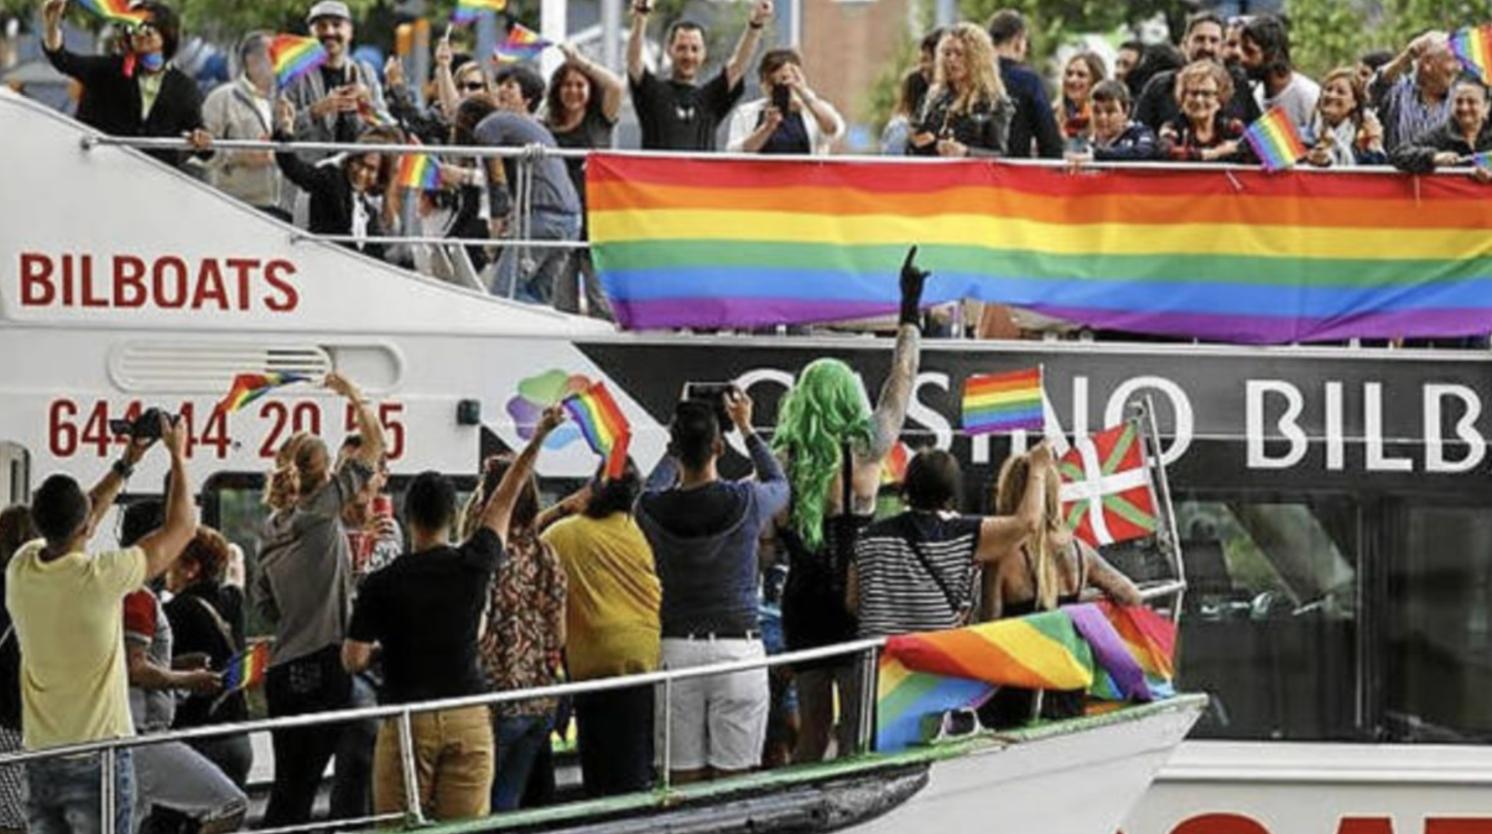 Bilbao Bizkaia pride